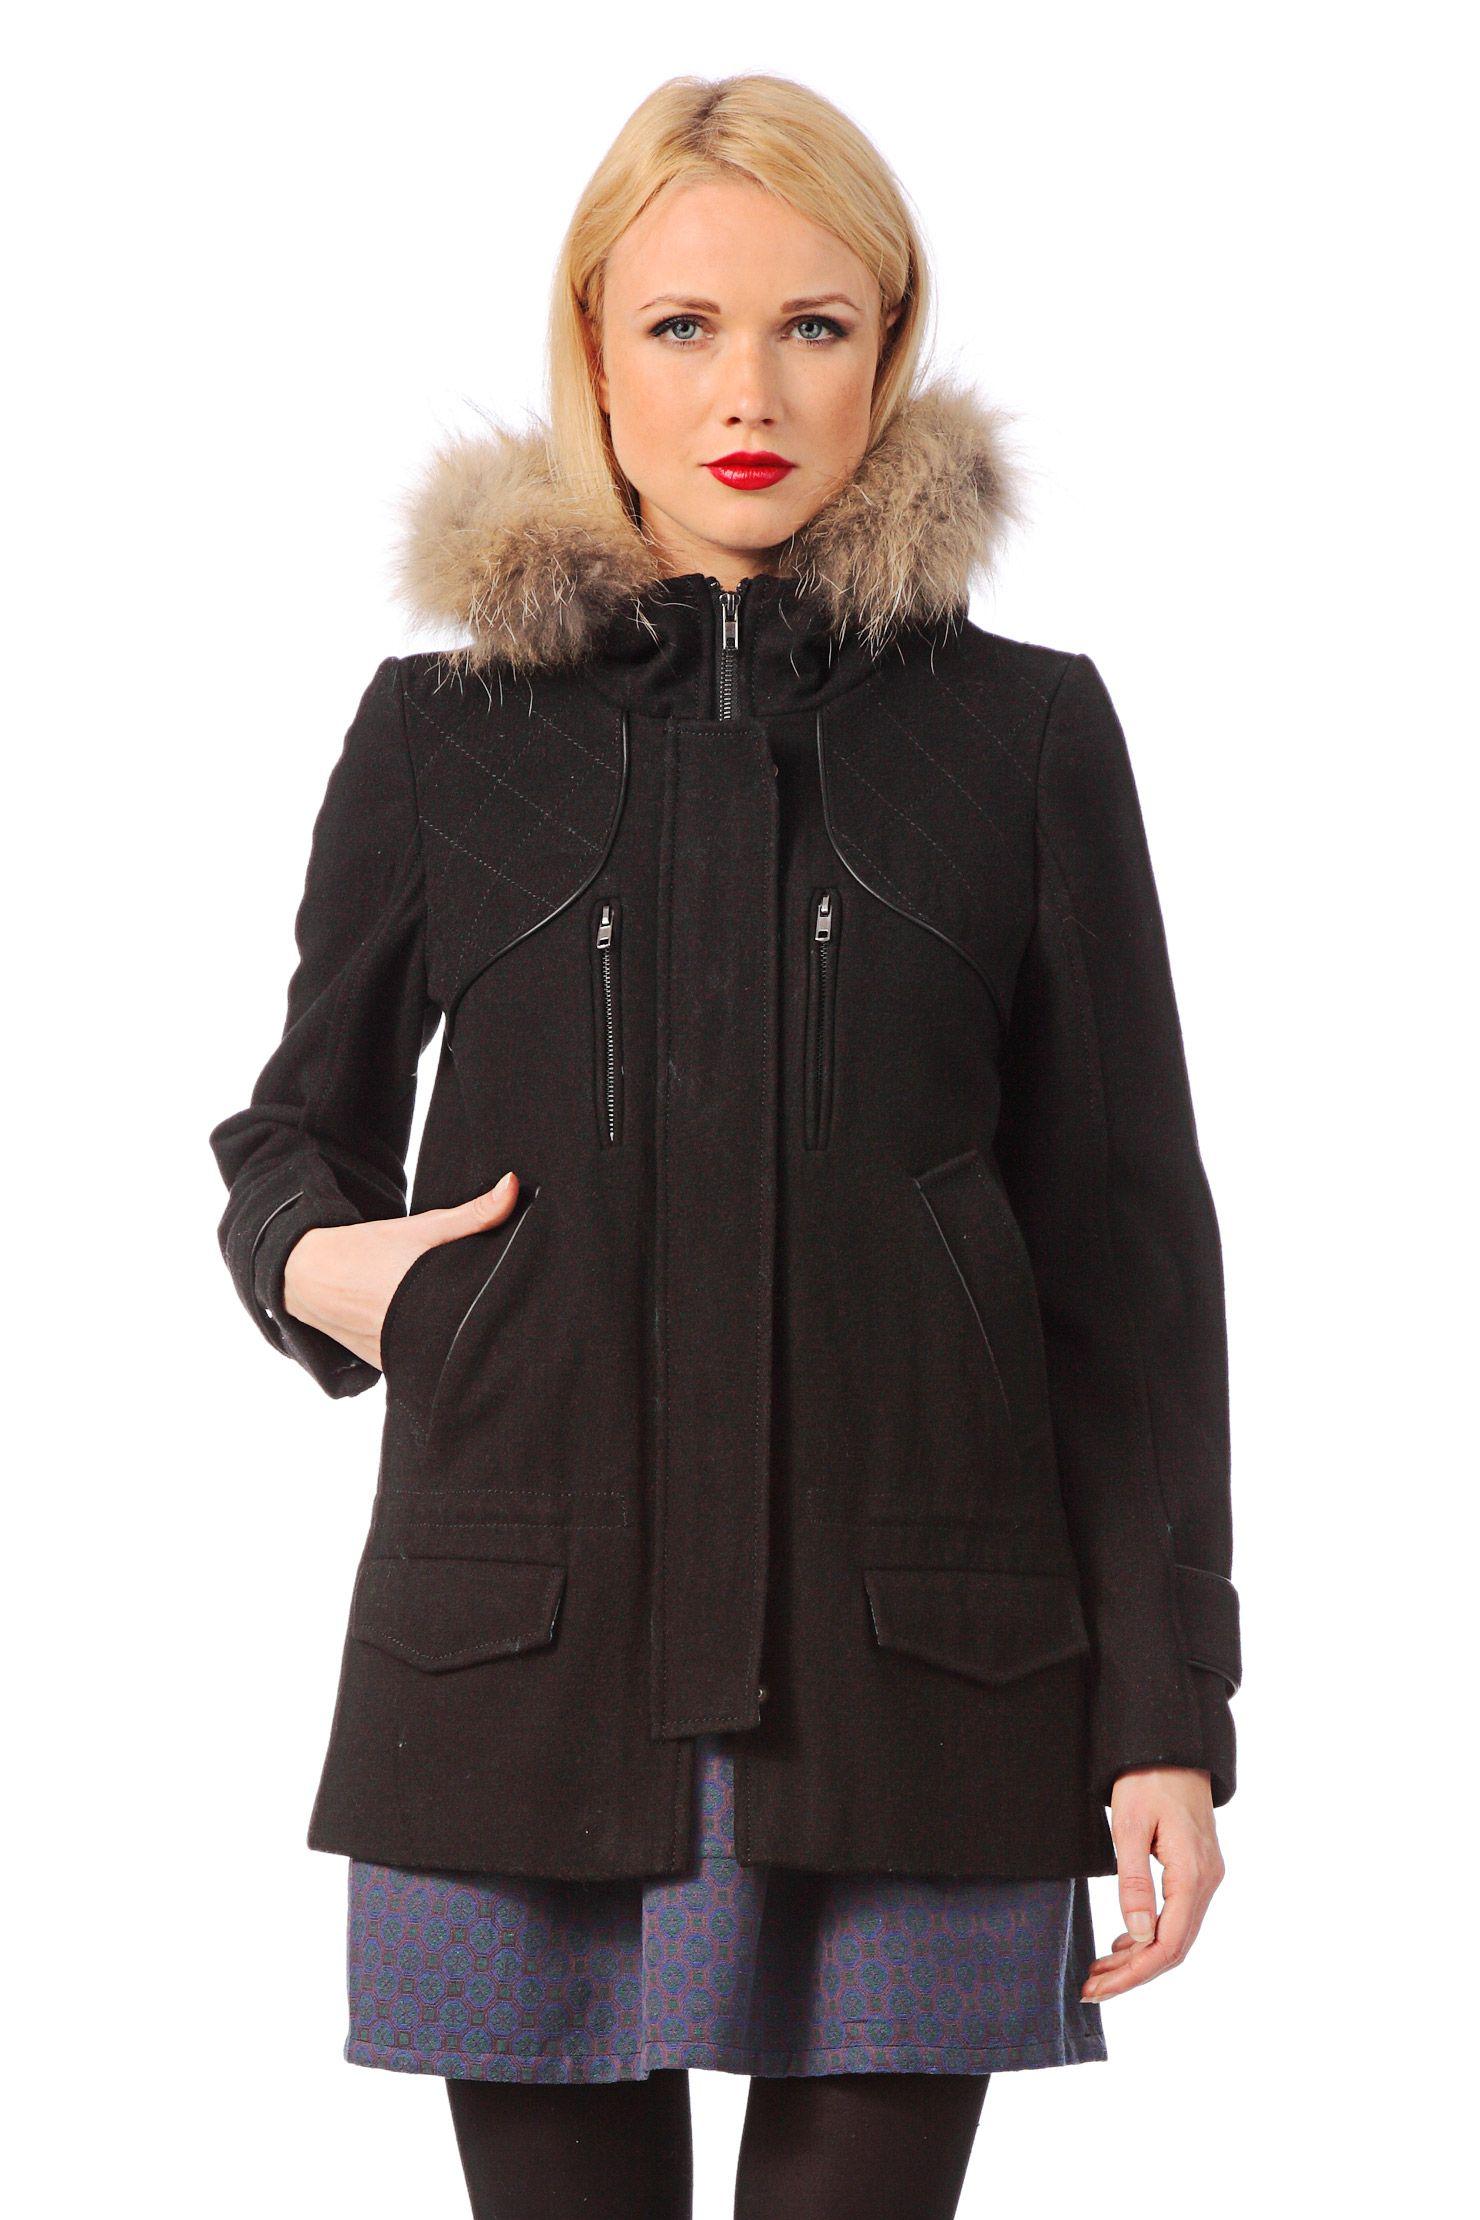 5e5c50dcb127 Manteau drap de laine et fourrure Alabama Noir 2two sur MonShowroom ...